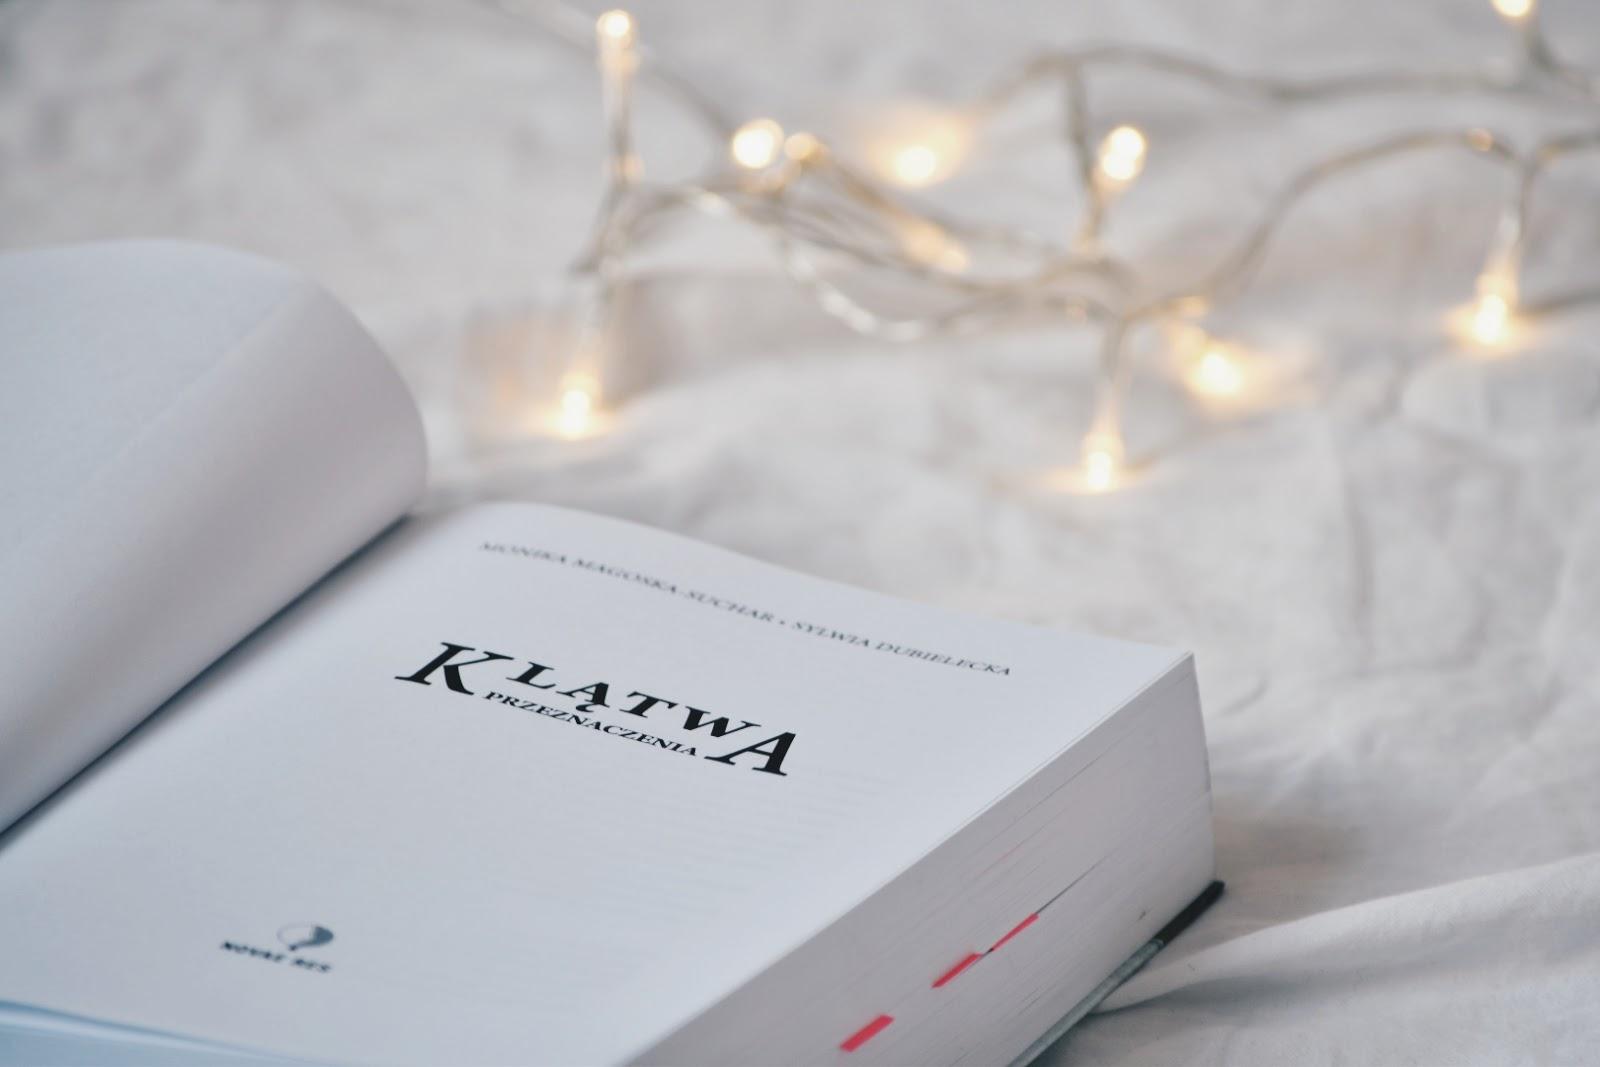 Klątwa przeznaczenia, czytam bo polskie, polskie fantasy, książka,